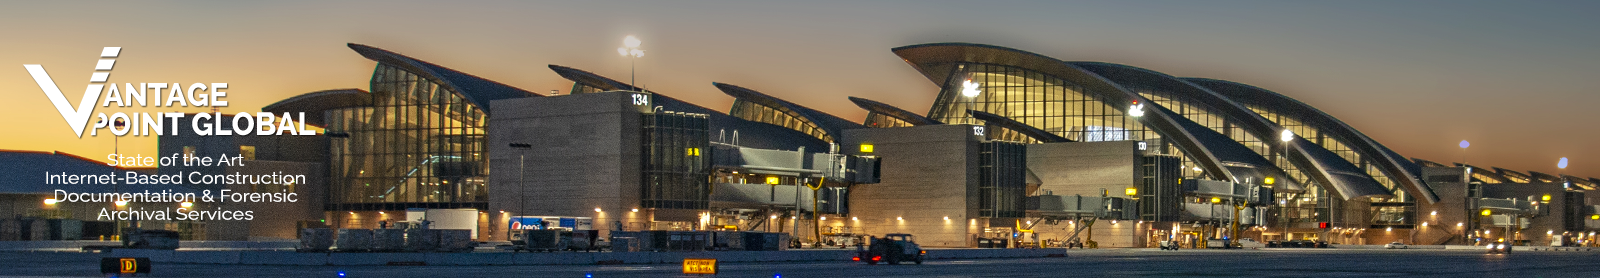 Tom Bradley Int'l Terminal at LAX at night